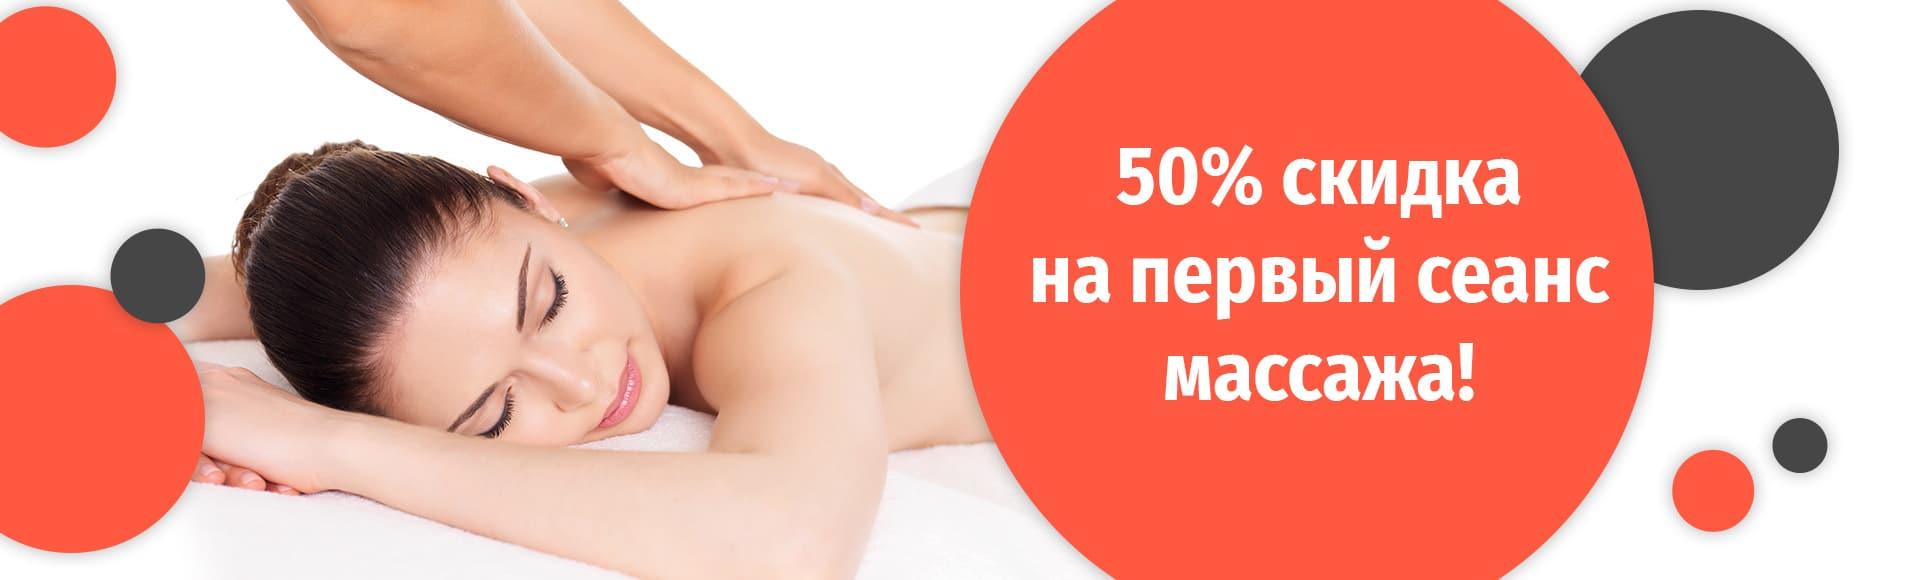 50% Массаж